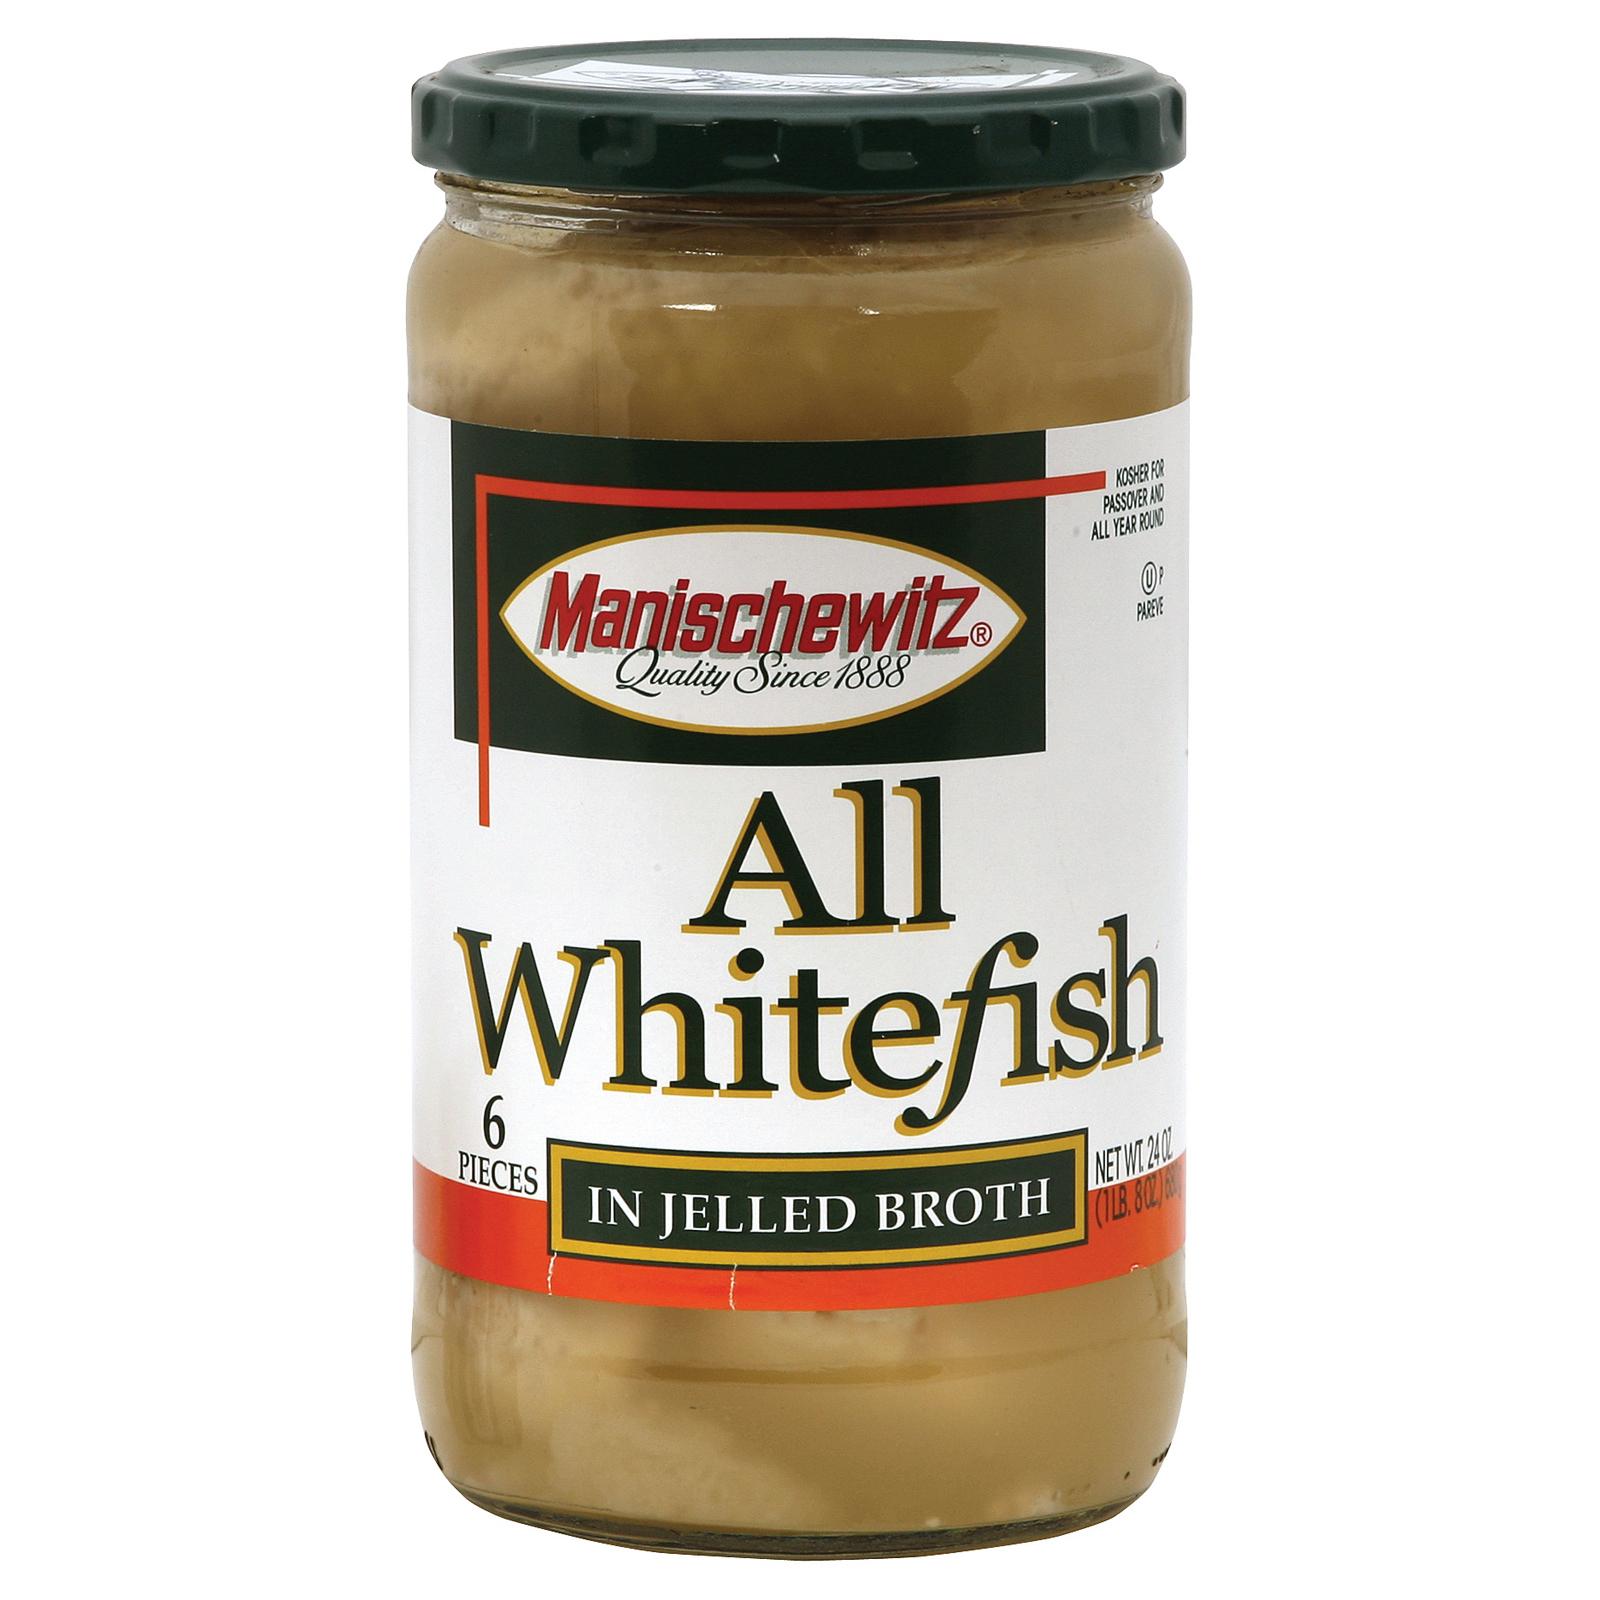 Manischewitz Whitefish in Jelled Broth - 24 oz.